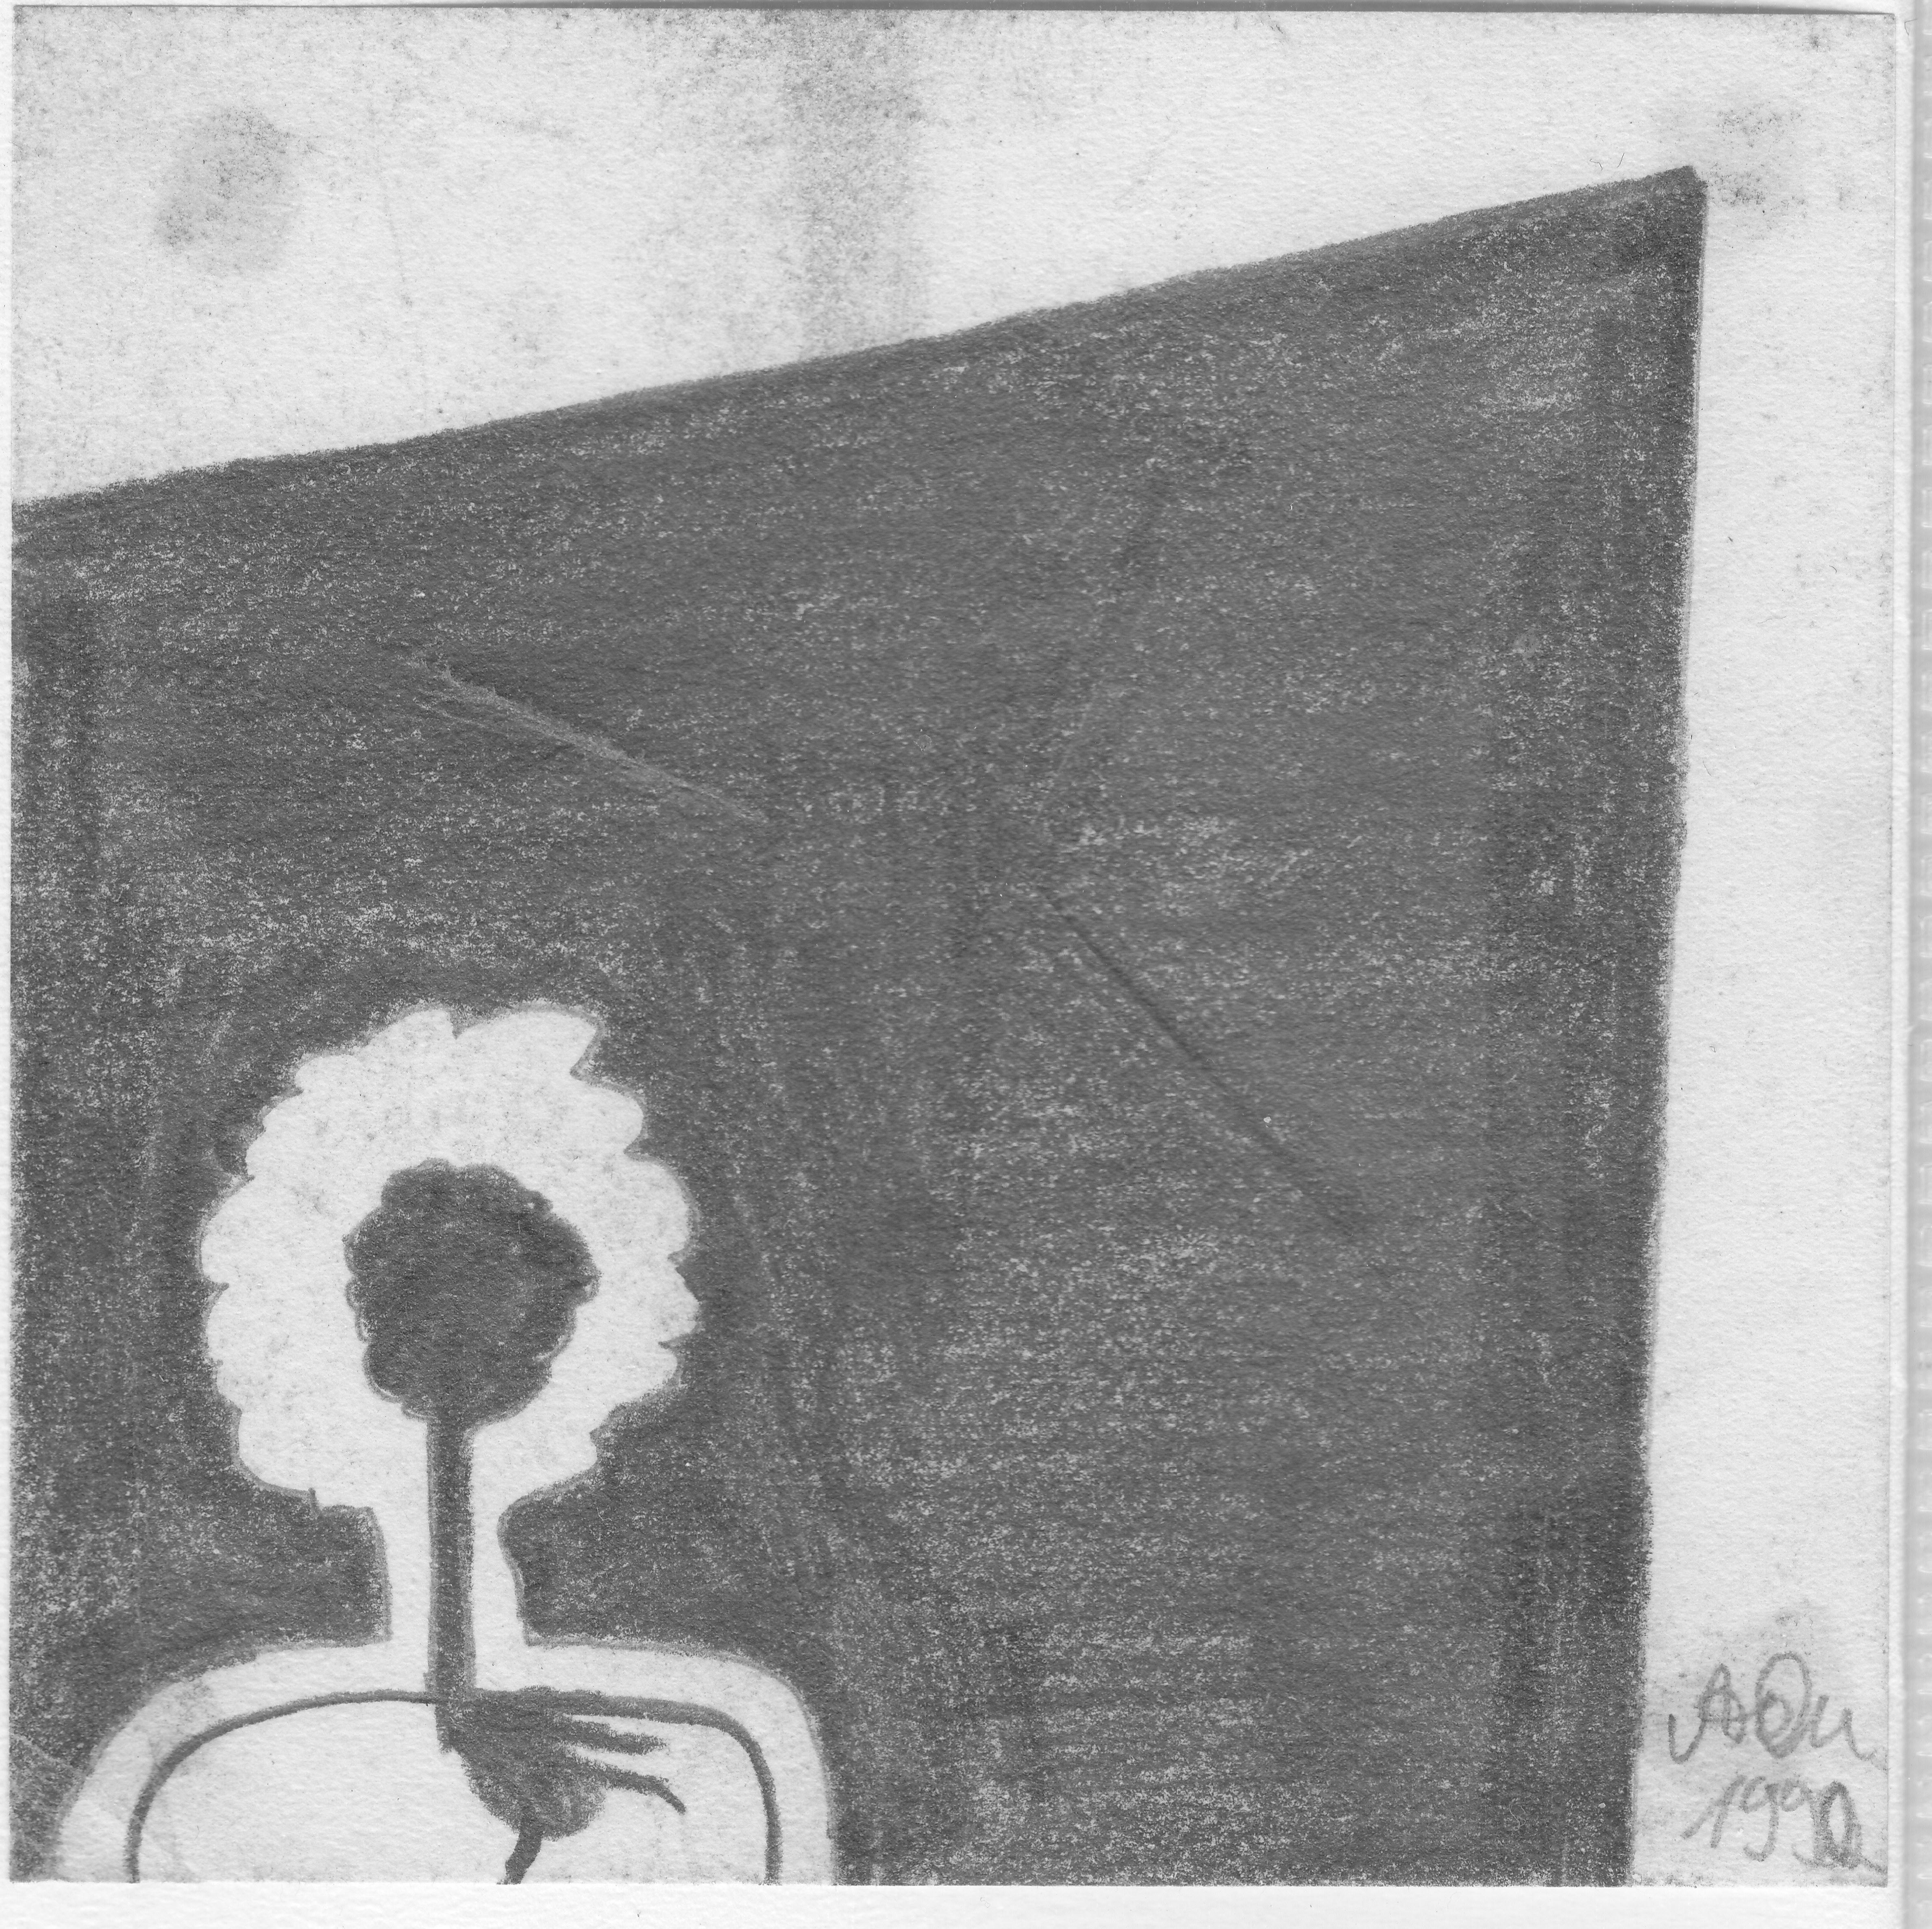 Kopf und Herz; 1992; Graphit; imachd.